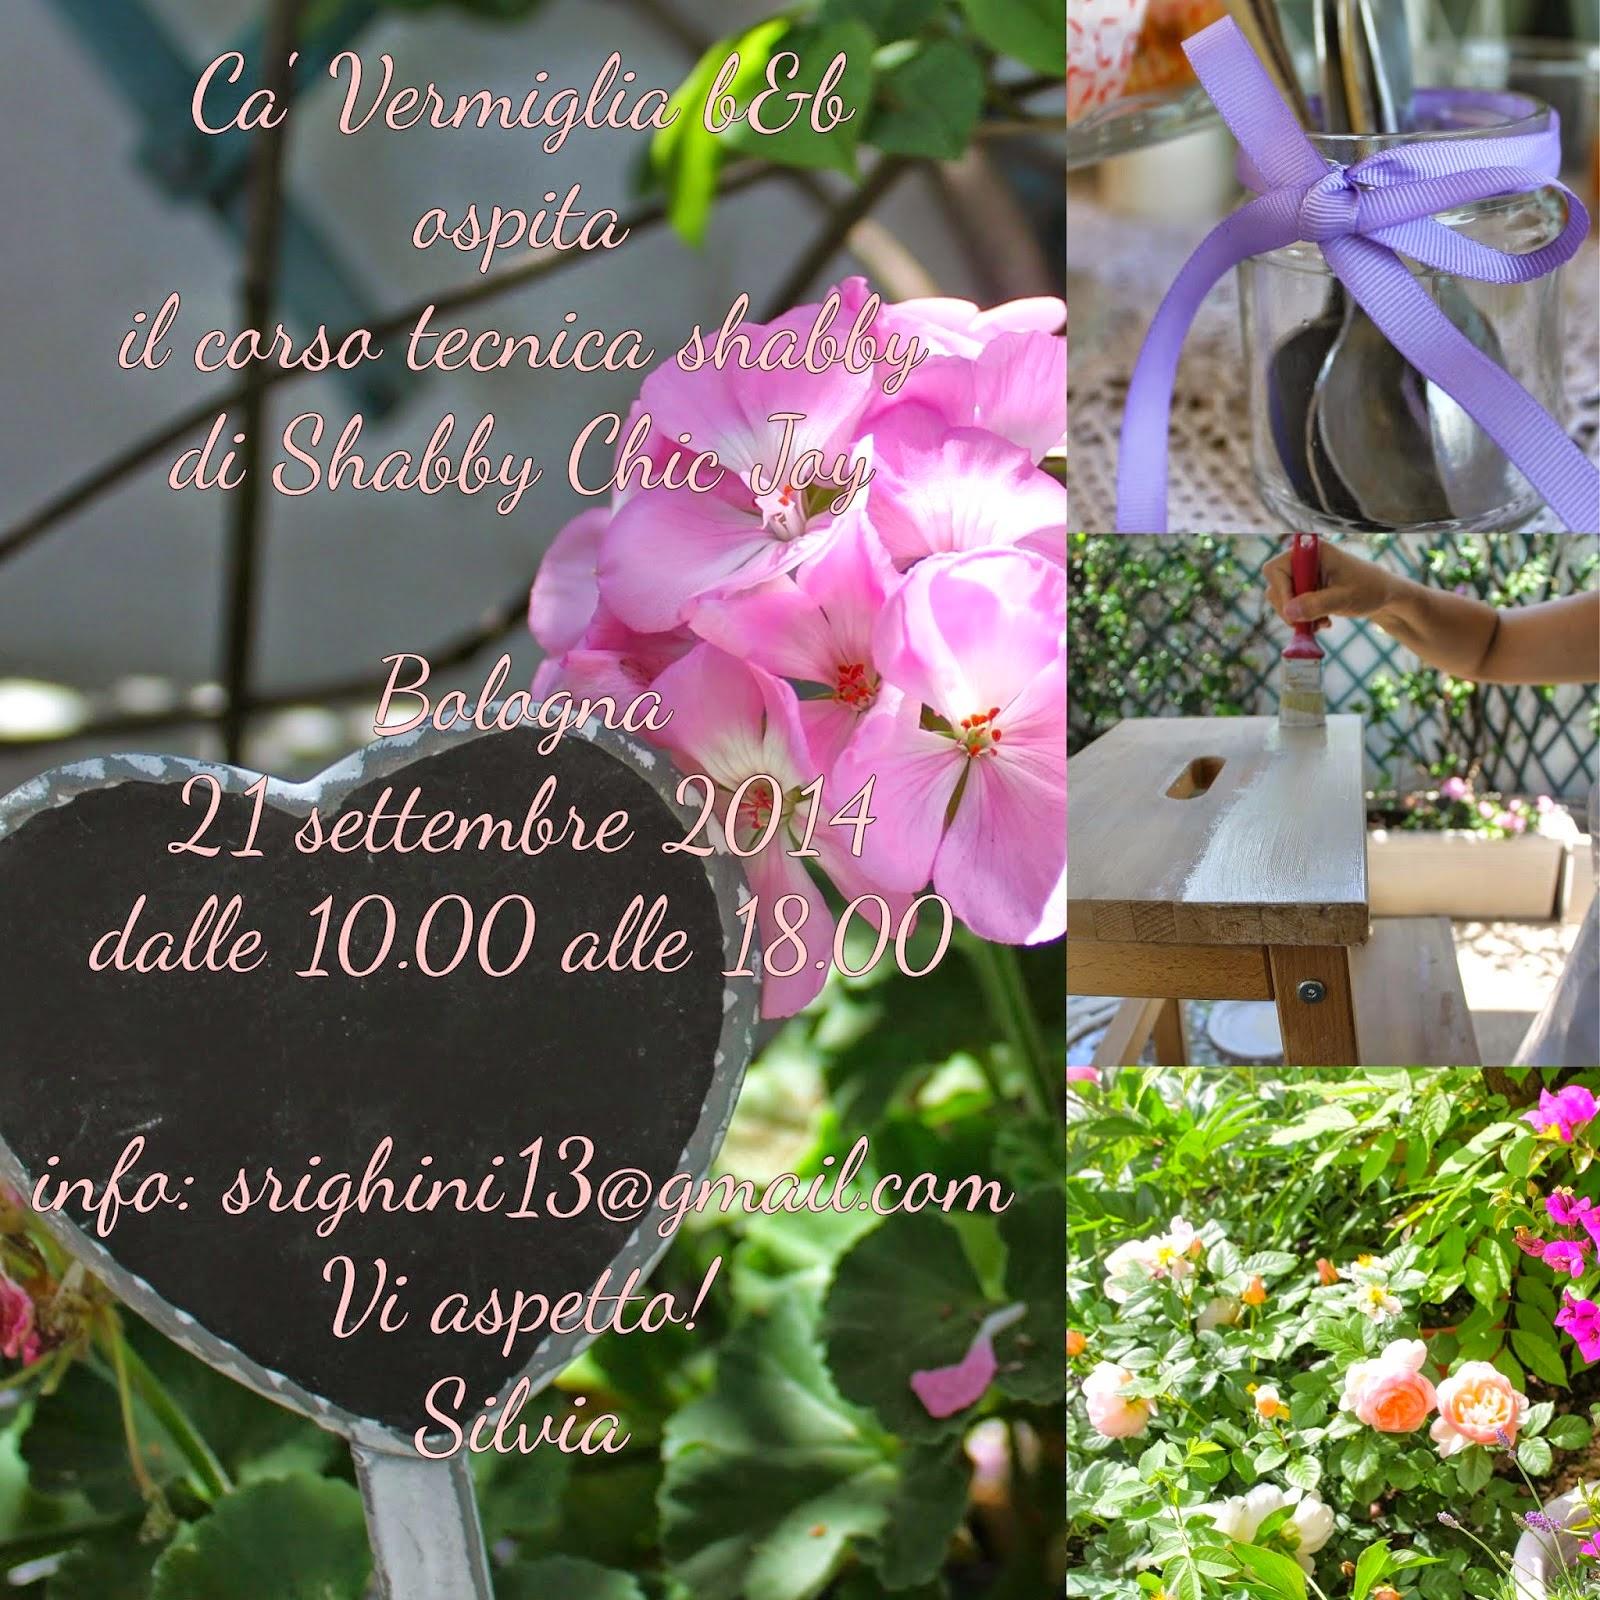 Corso 21 settembre a Bologna